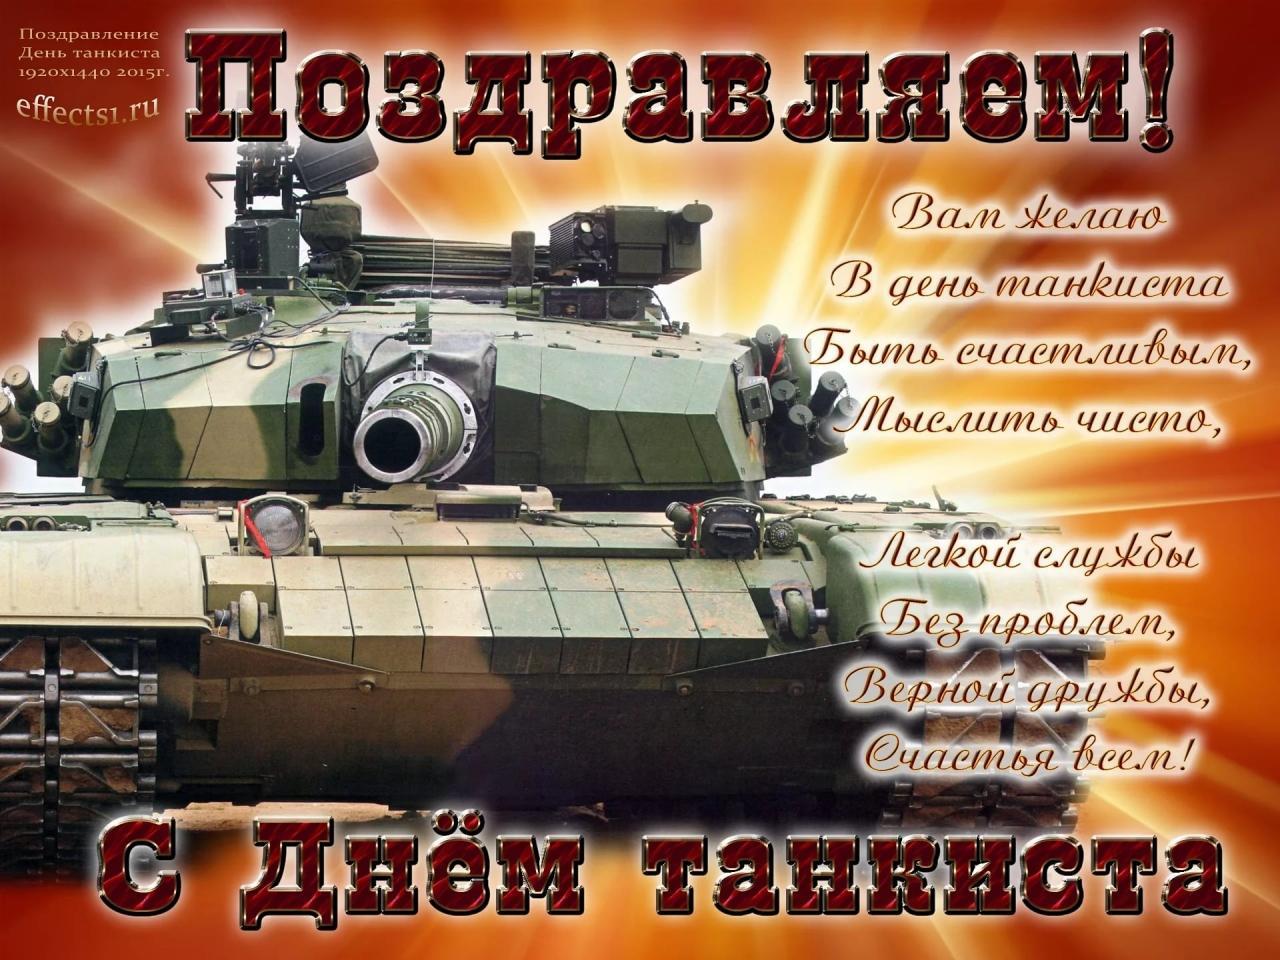 Фото Картинки и поздравления на День танкиста 12 сентября 2021 года – самые хорошие 4